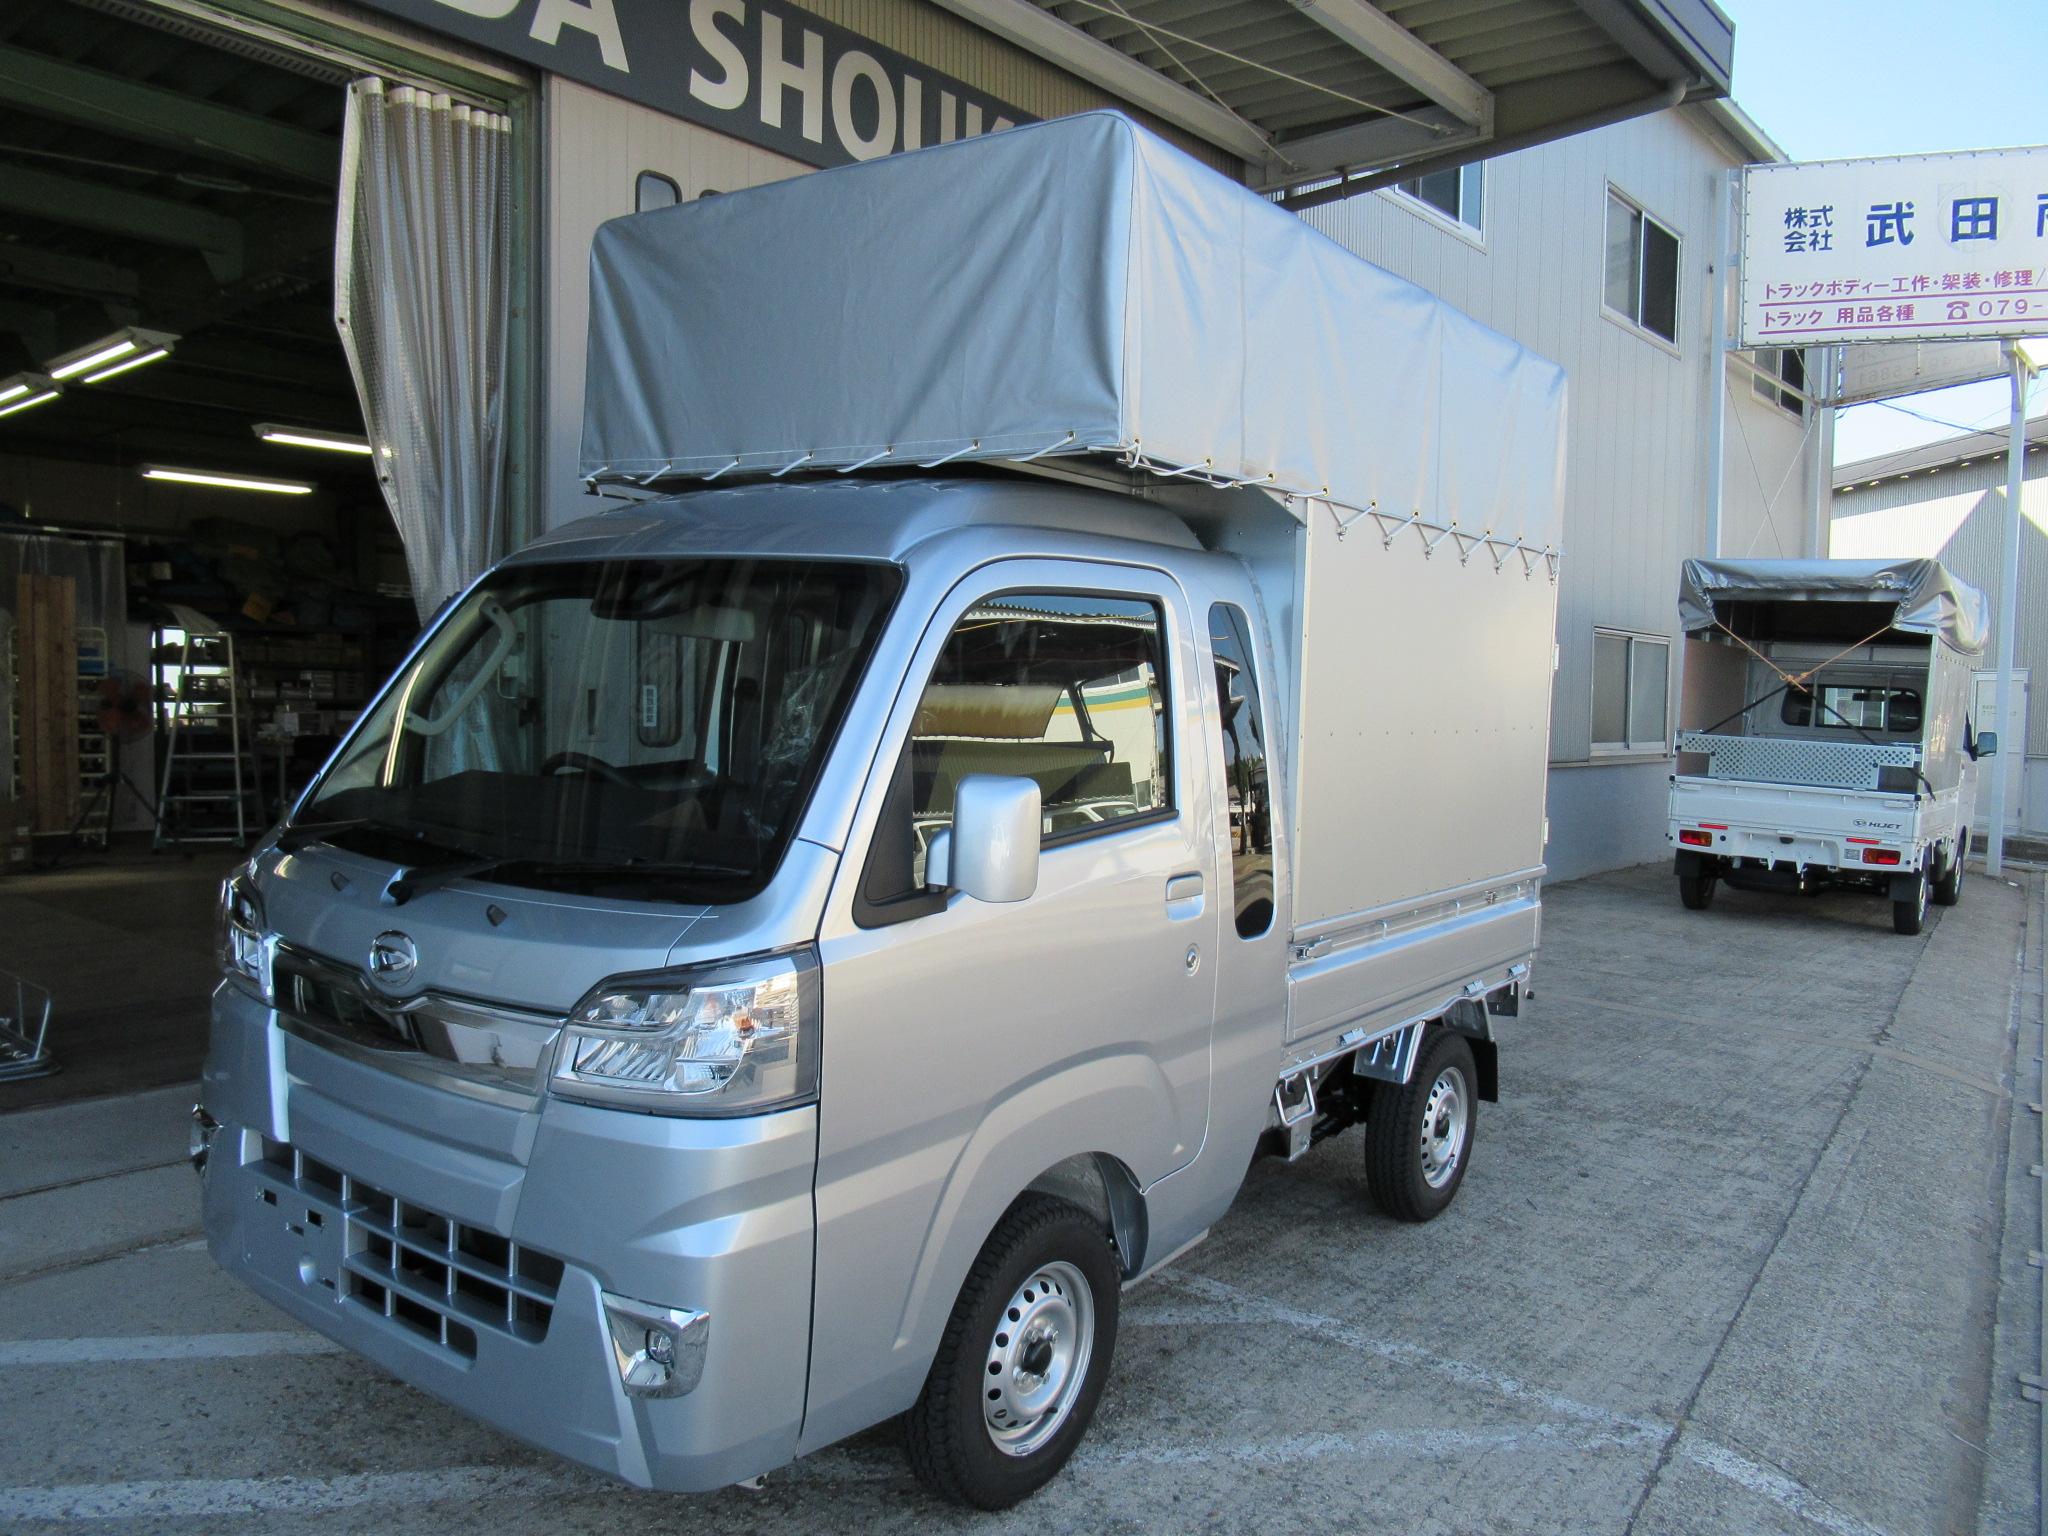 ダイハツジャンボトラック アルミパネル式Bタイプ架装